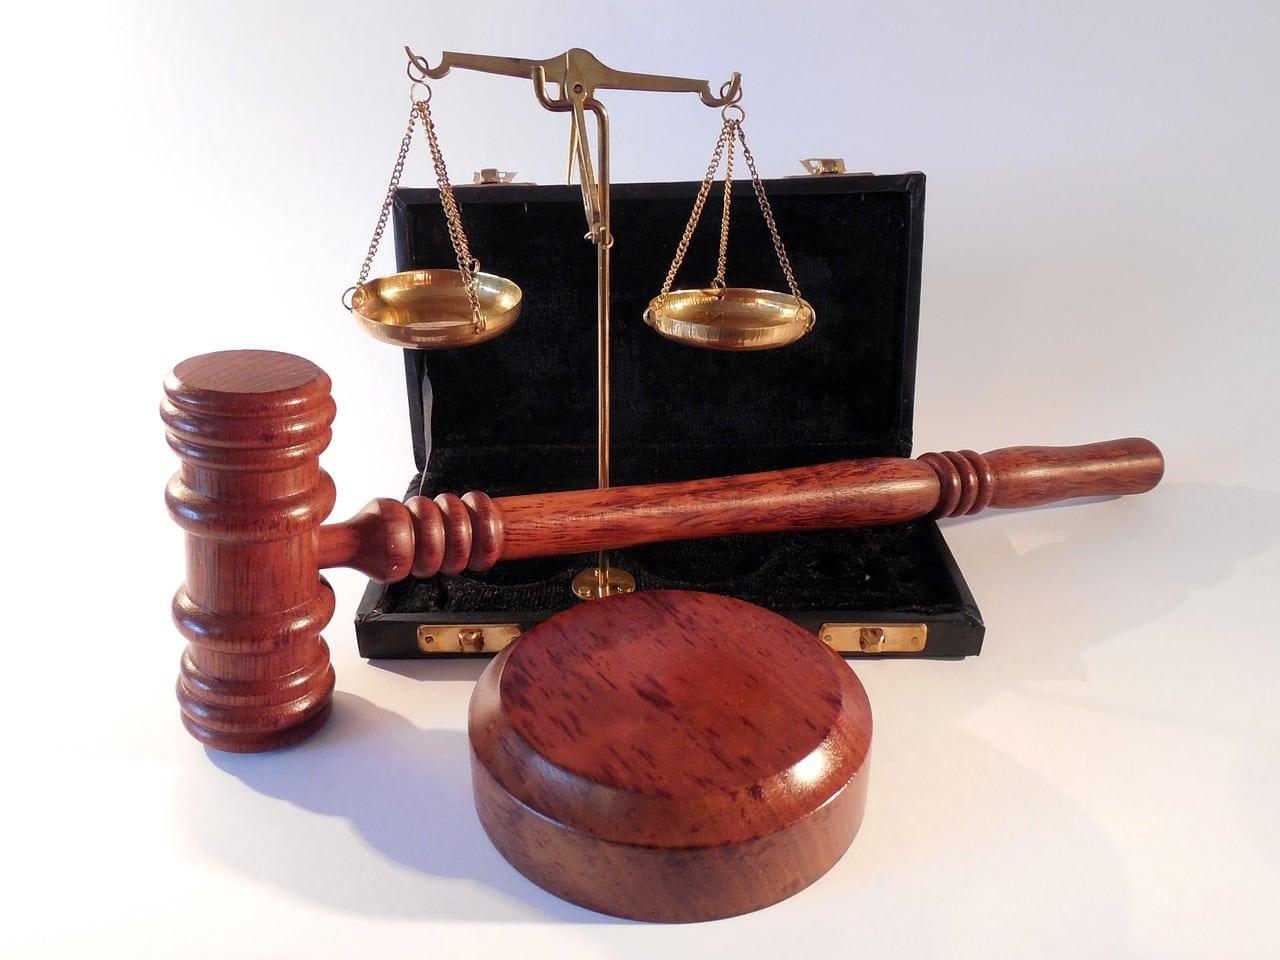 santander bank restschuldversicherung rsv kndigen kostenlos - Restschuldversicherung Kundigen Muster